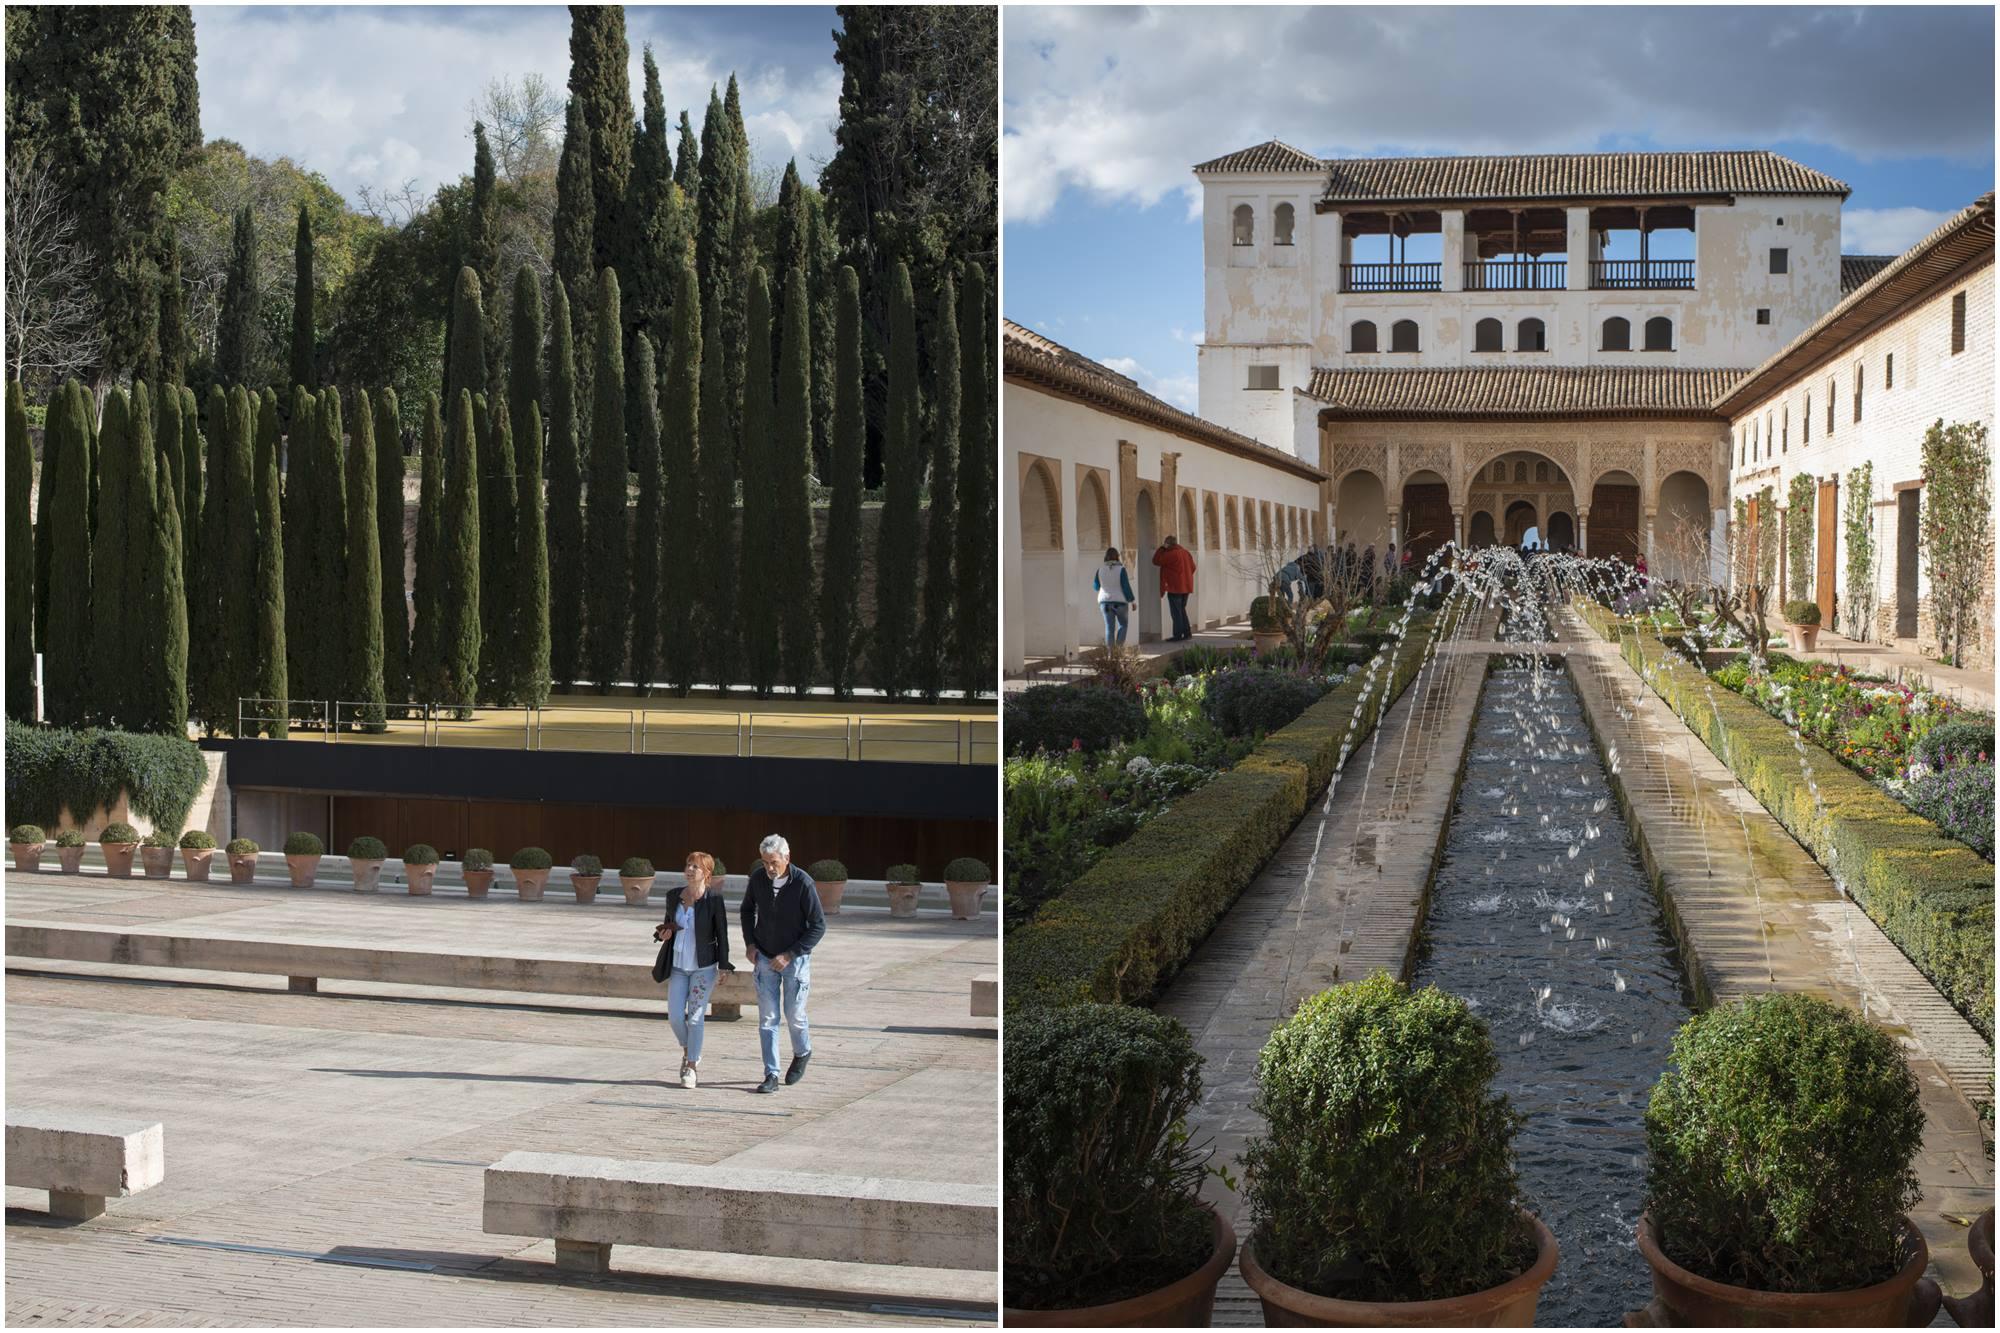 escenario jardines nuevos palacio patio de la acequia